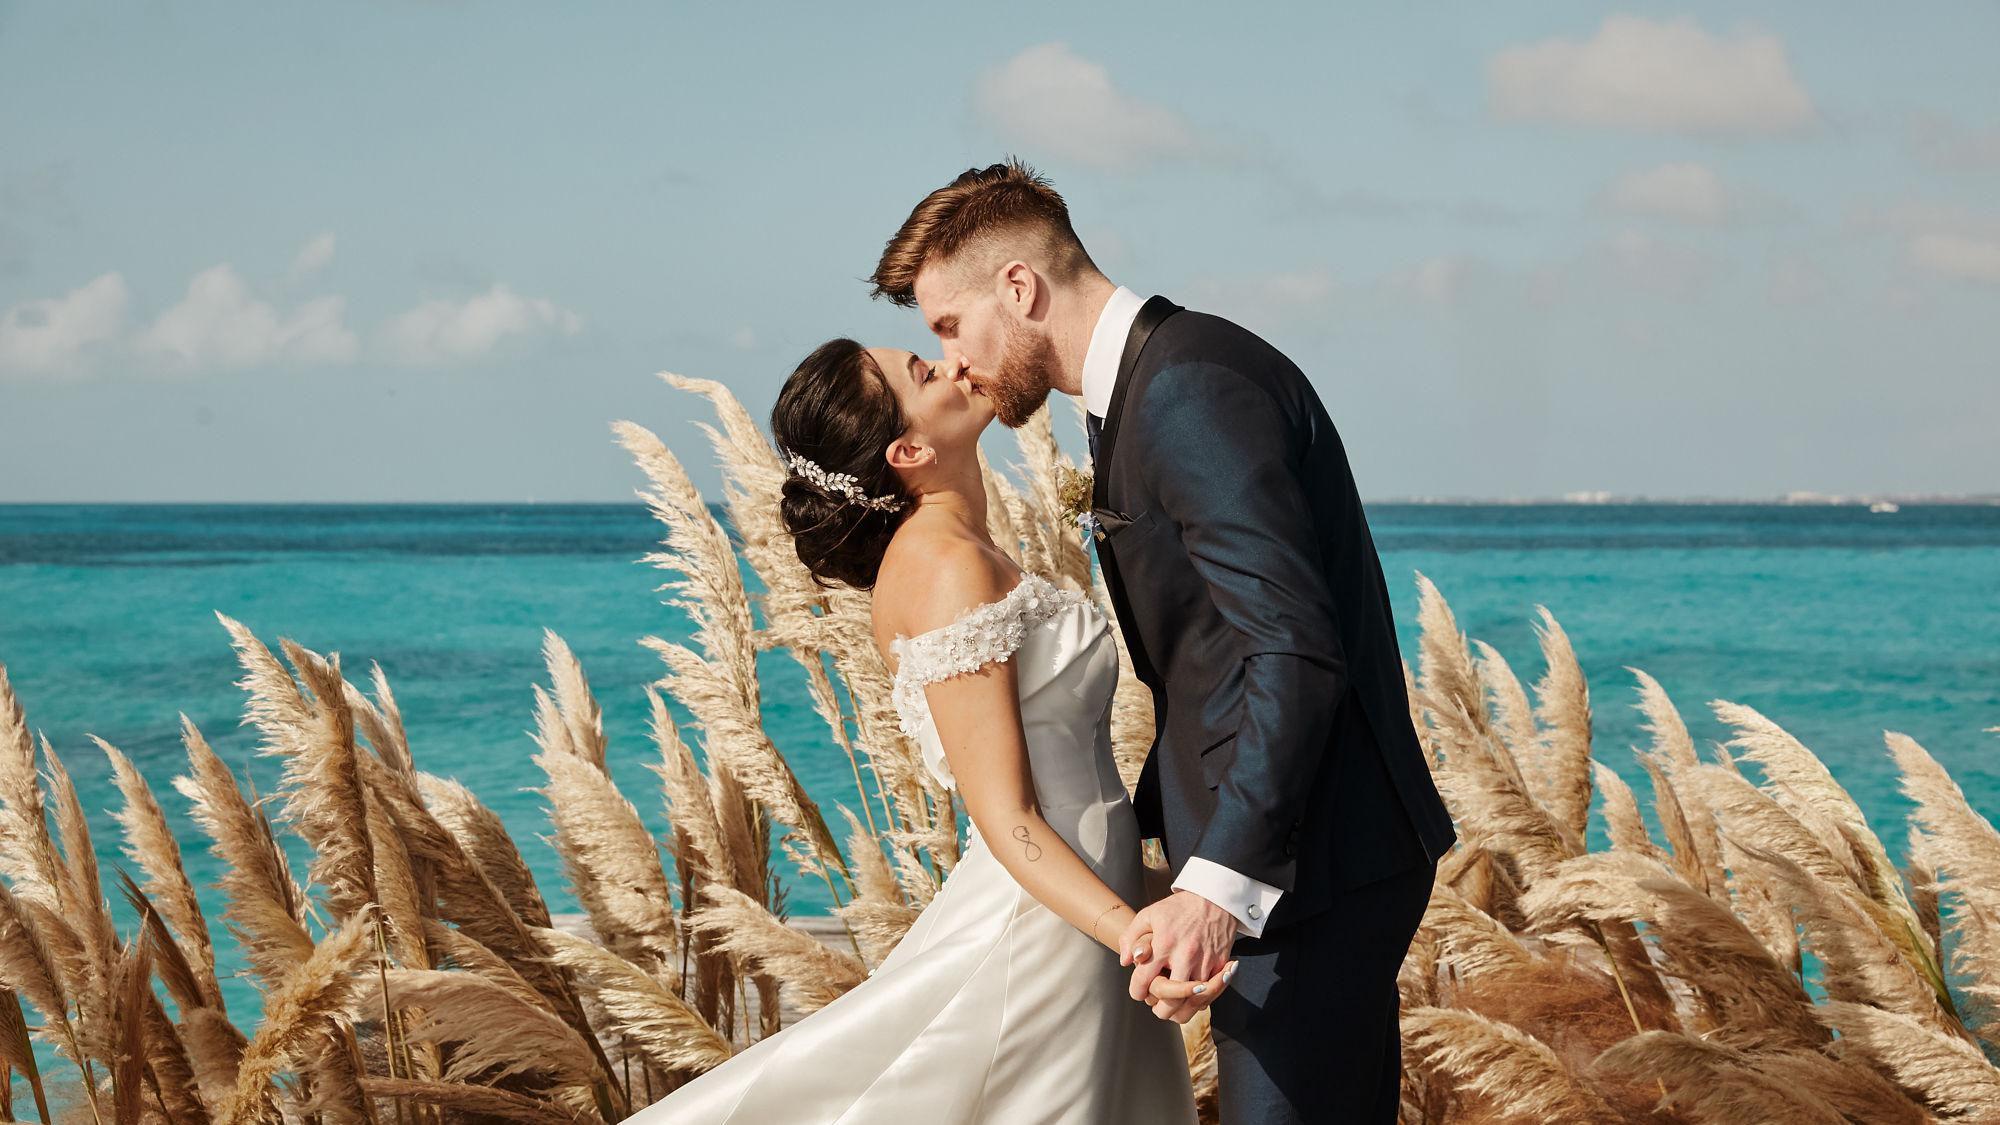 Andreea Cristina S Intimate Destination Wedding In Mexico